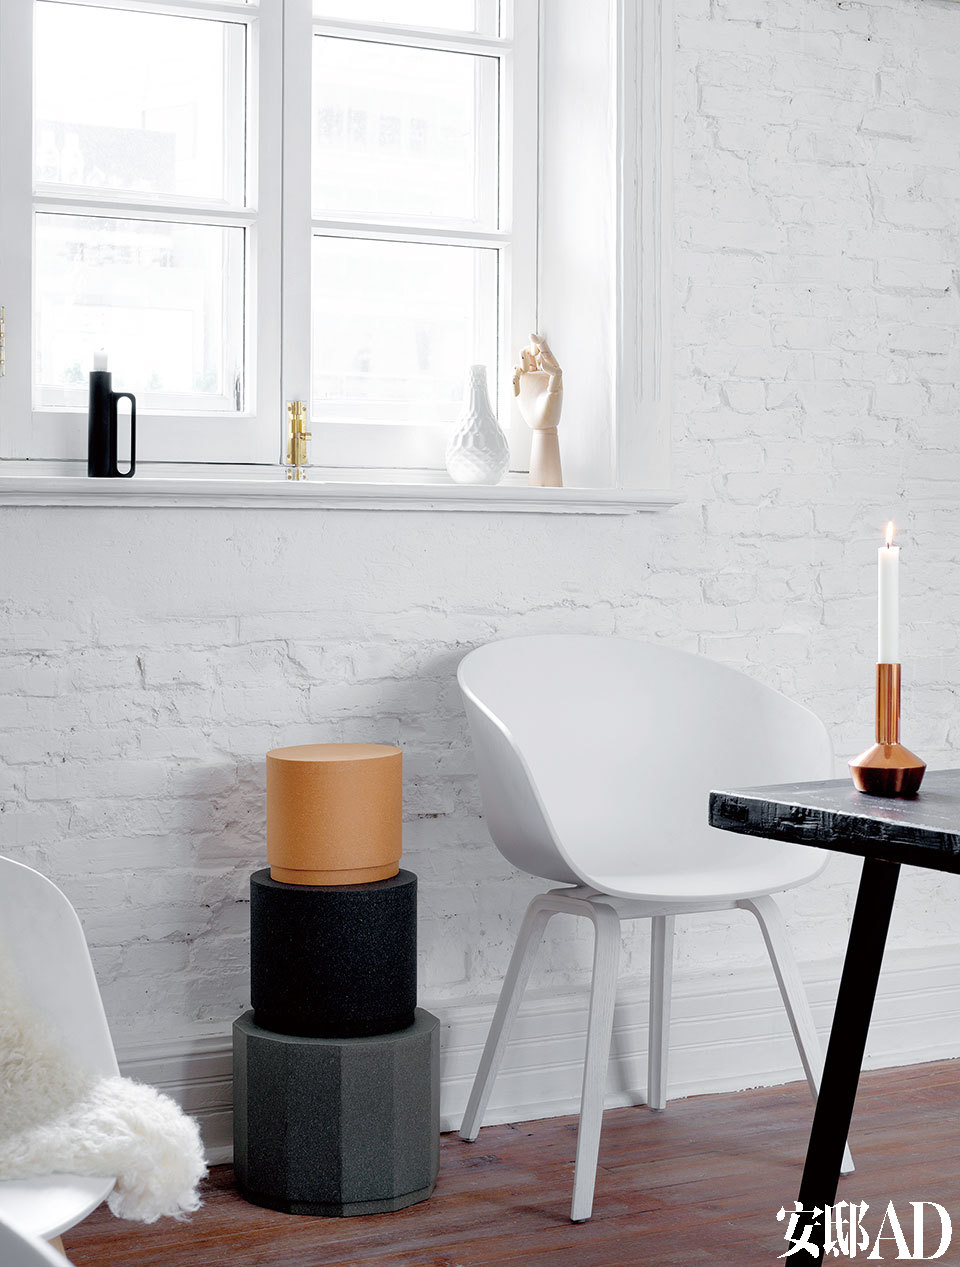 光线是最好的化妆师,来自丹麦品牌HAY的椅子在光线装点下仿佛静物写生画。